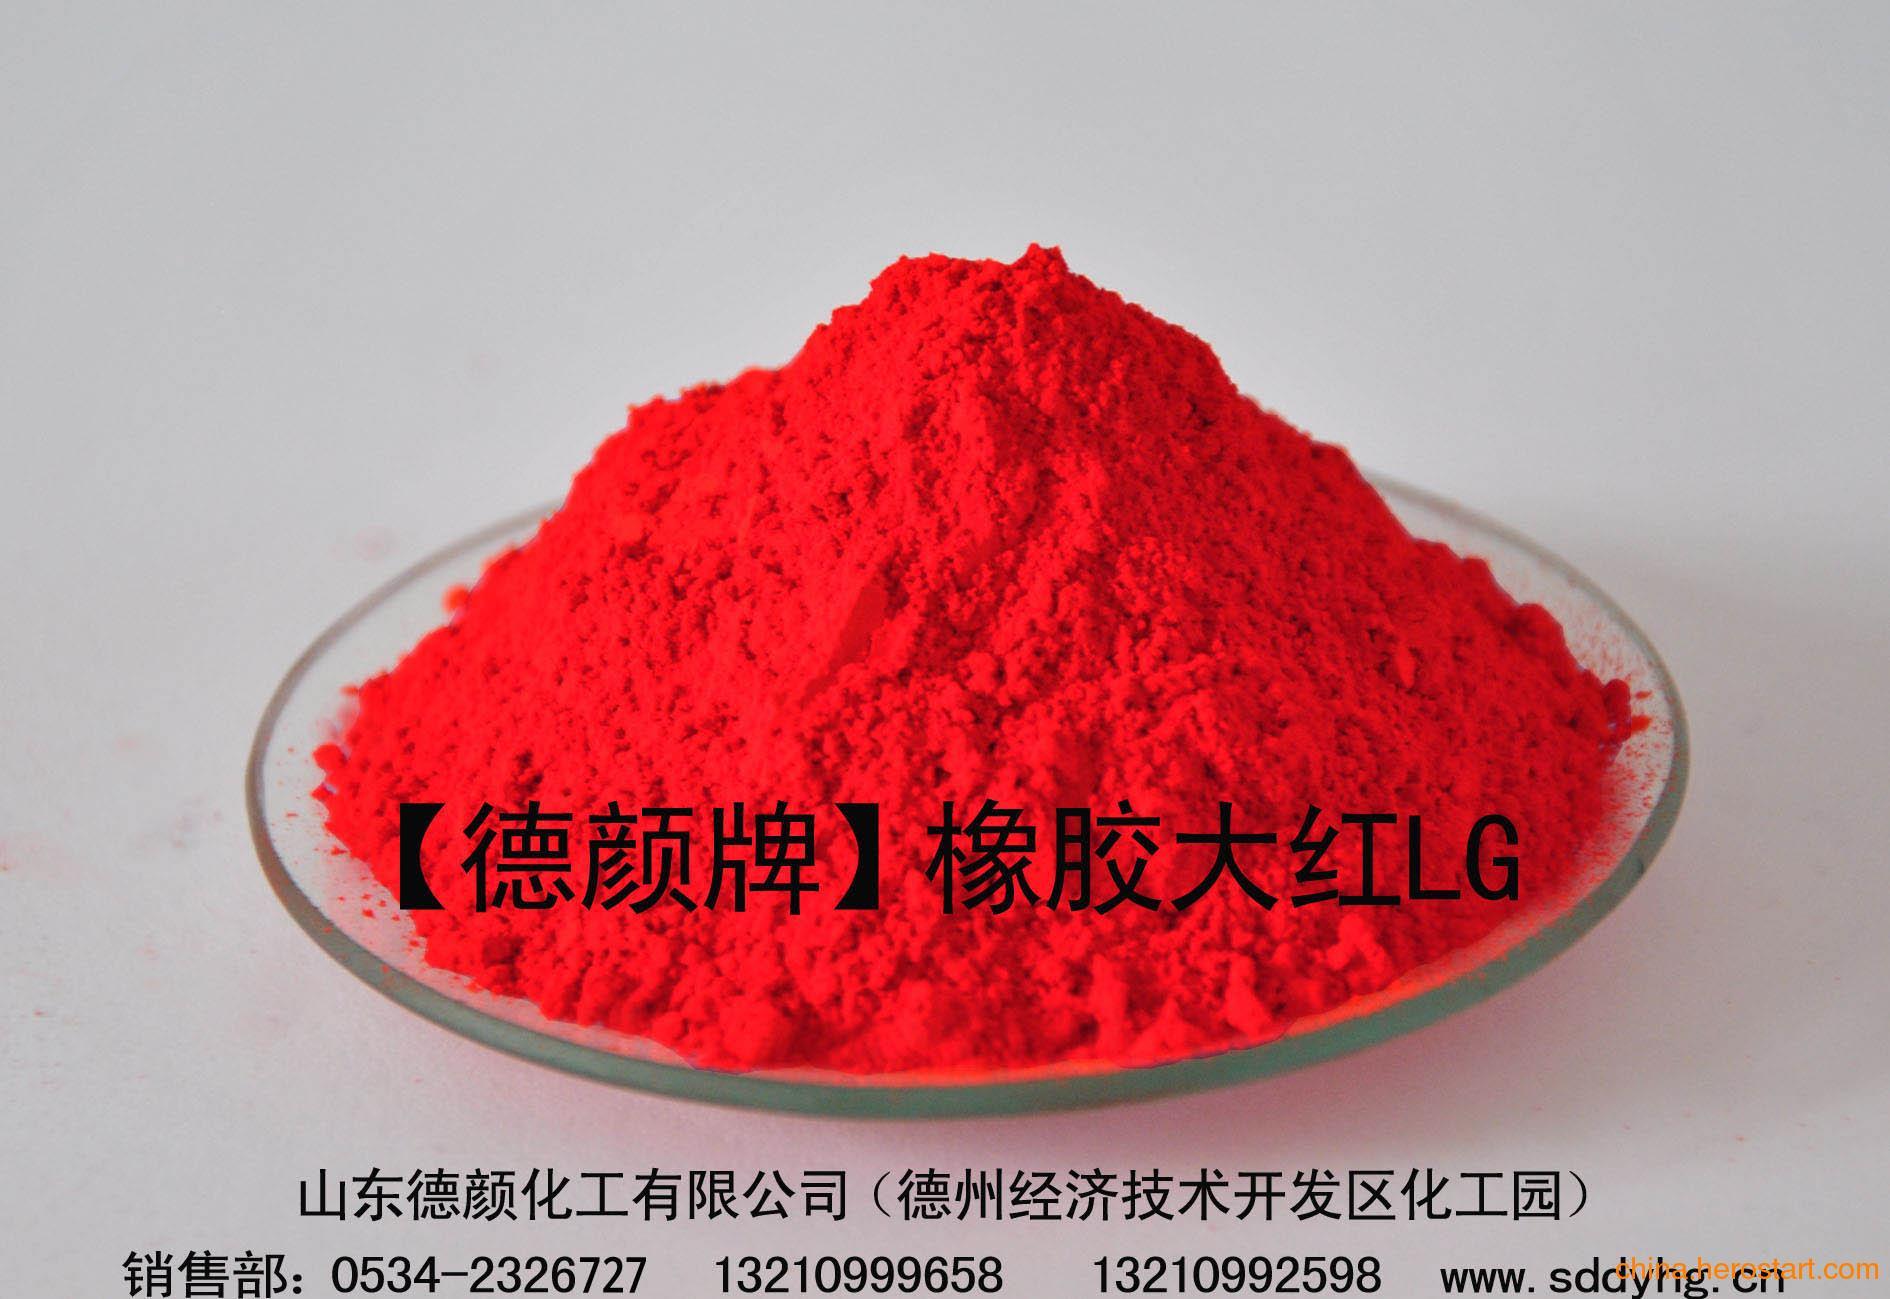 供应橡胶塑料用德颜牌橡胶大红LG